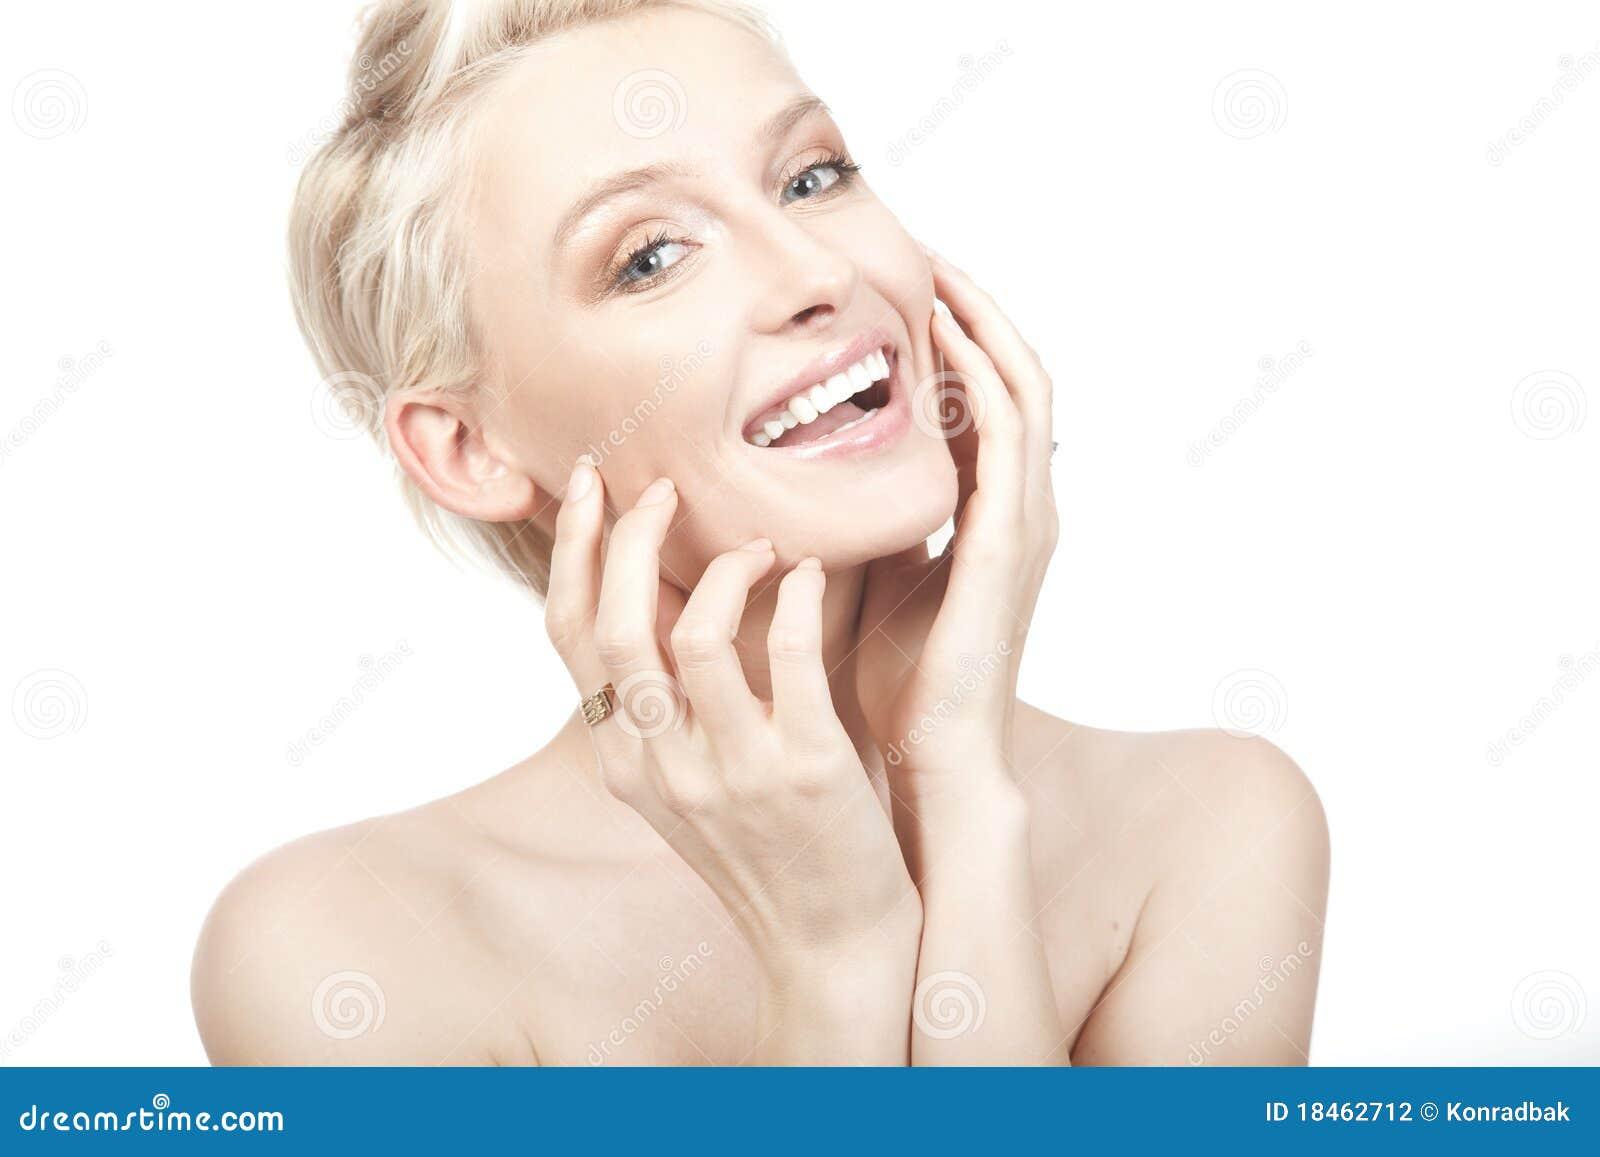 Mujer sonriente joven hermosa.